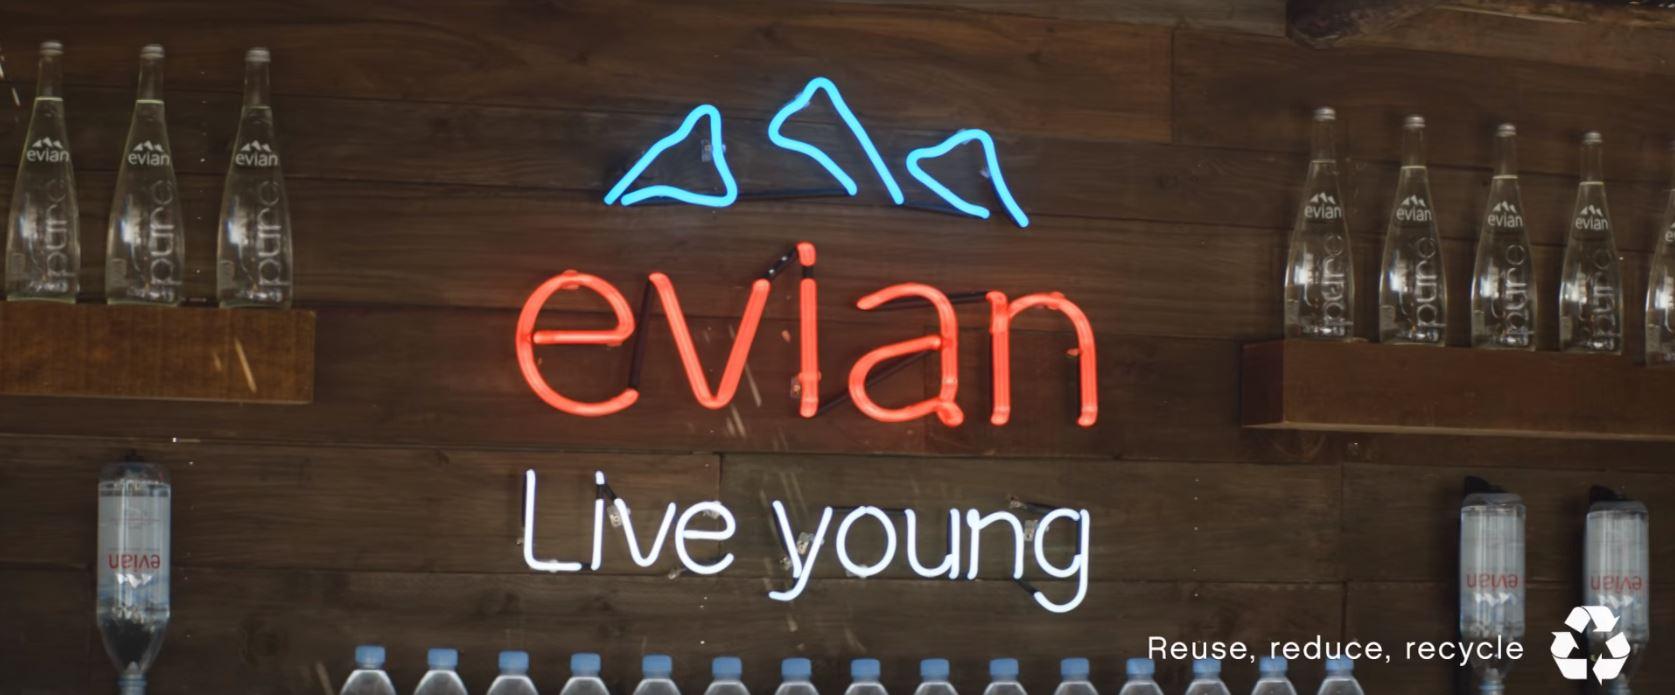 evian-live-young-publicite